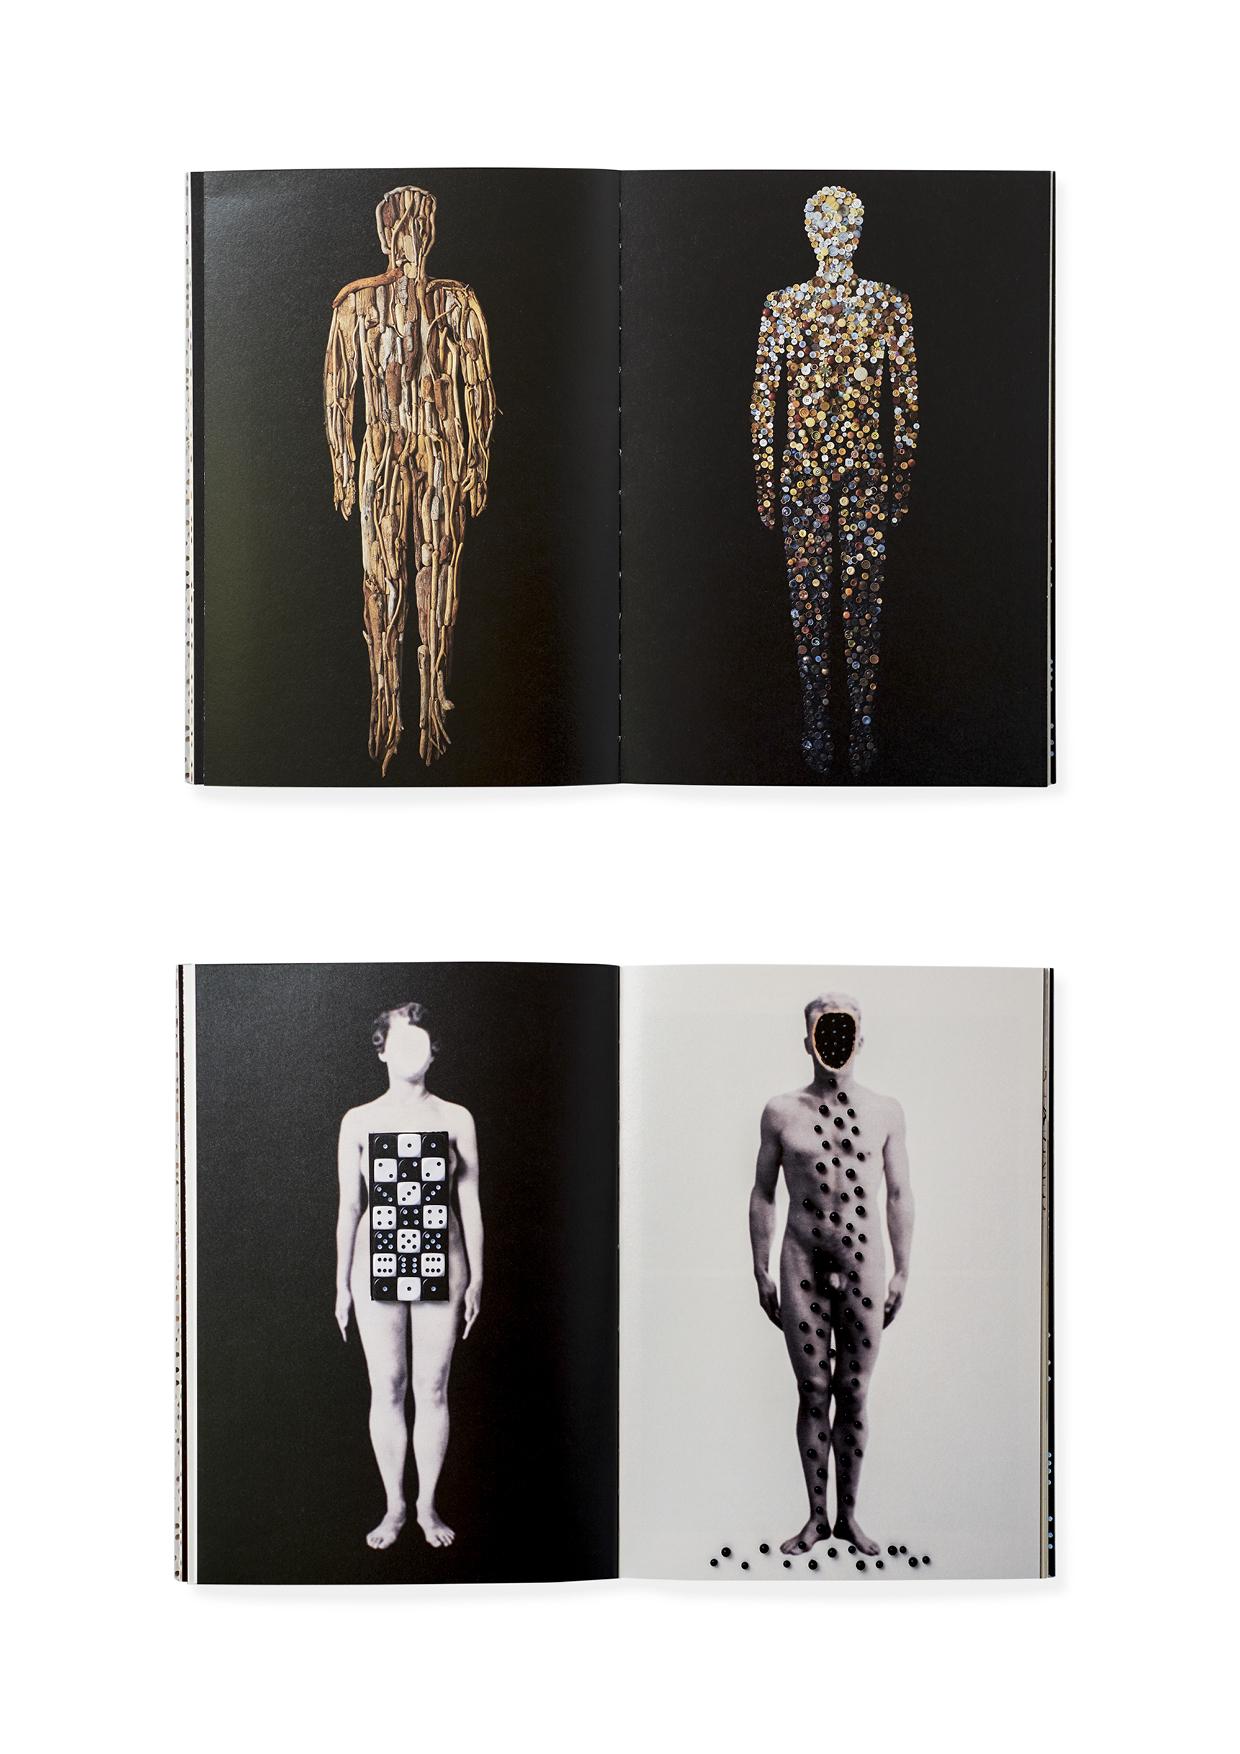 Catálogo 'Nada es más profundo que la piel' by Estudio Pep Carrió - Creative Work - $i